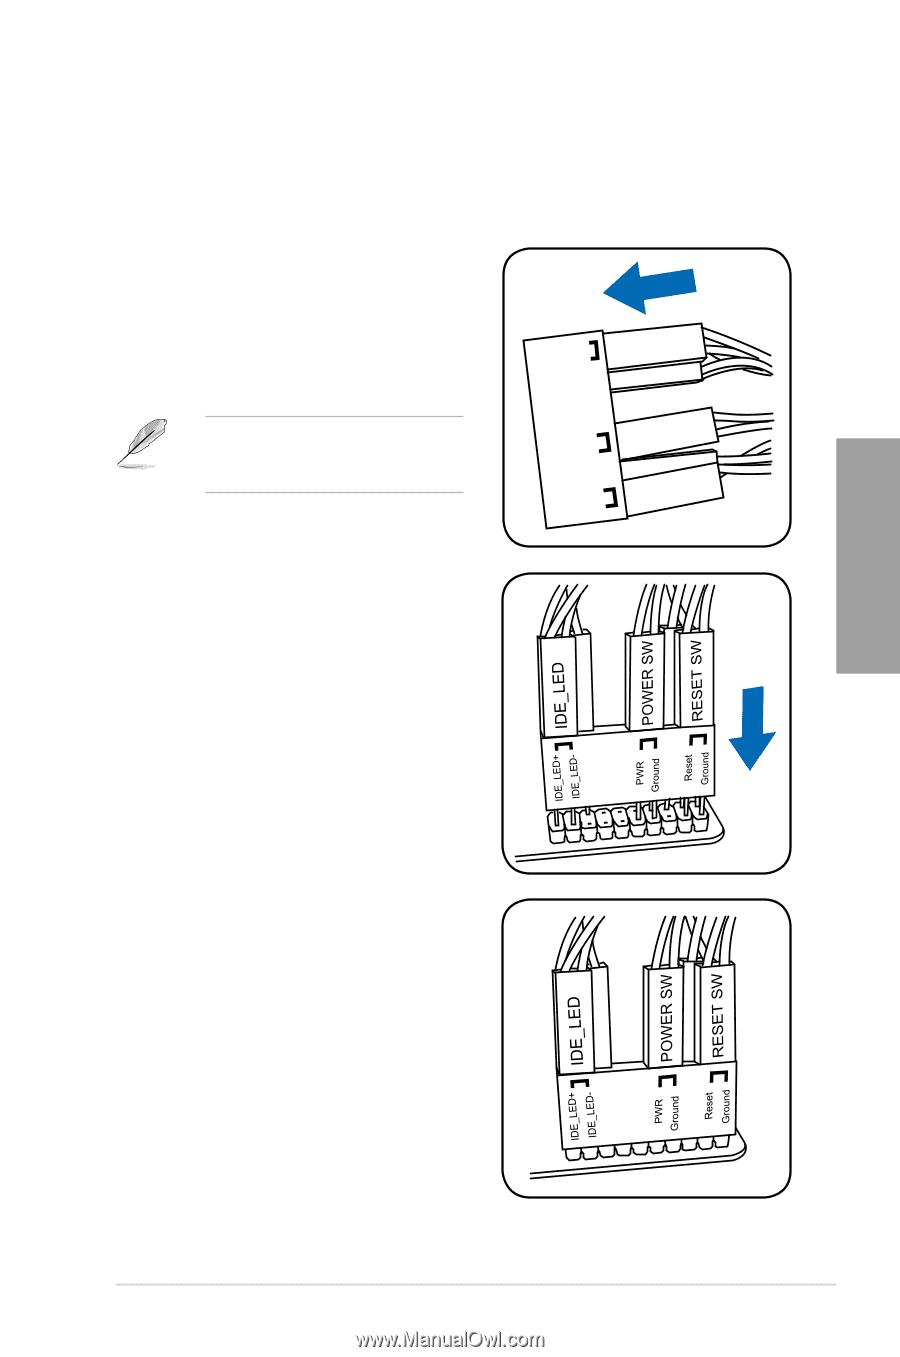 asus sabertooth x58 manual pdf